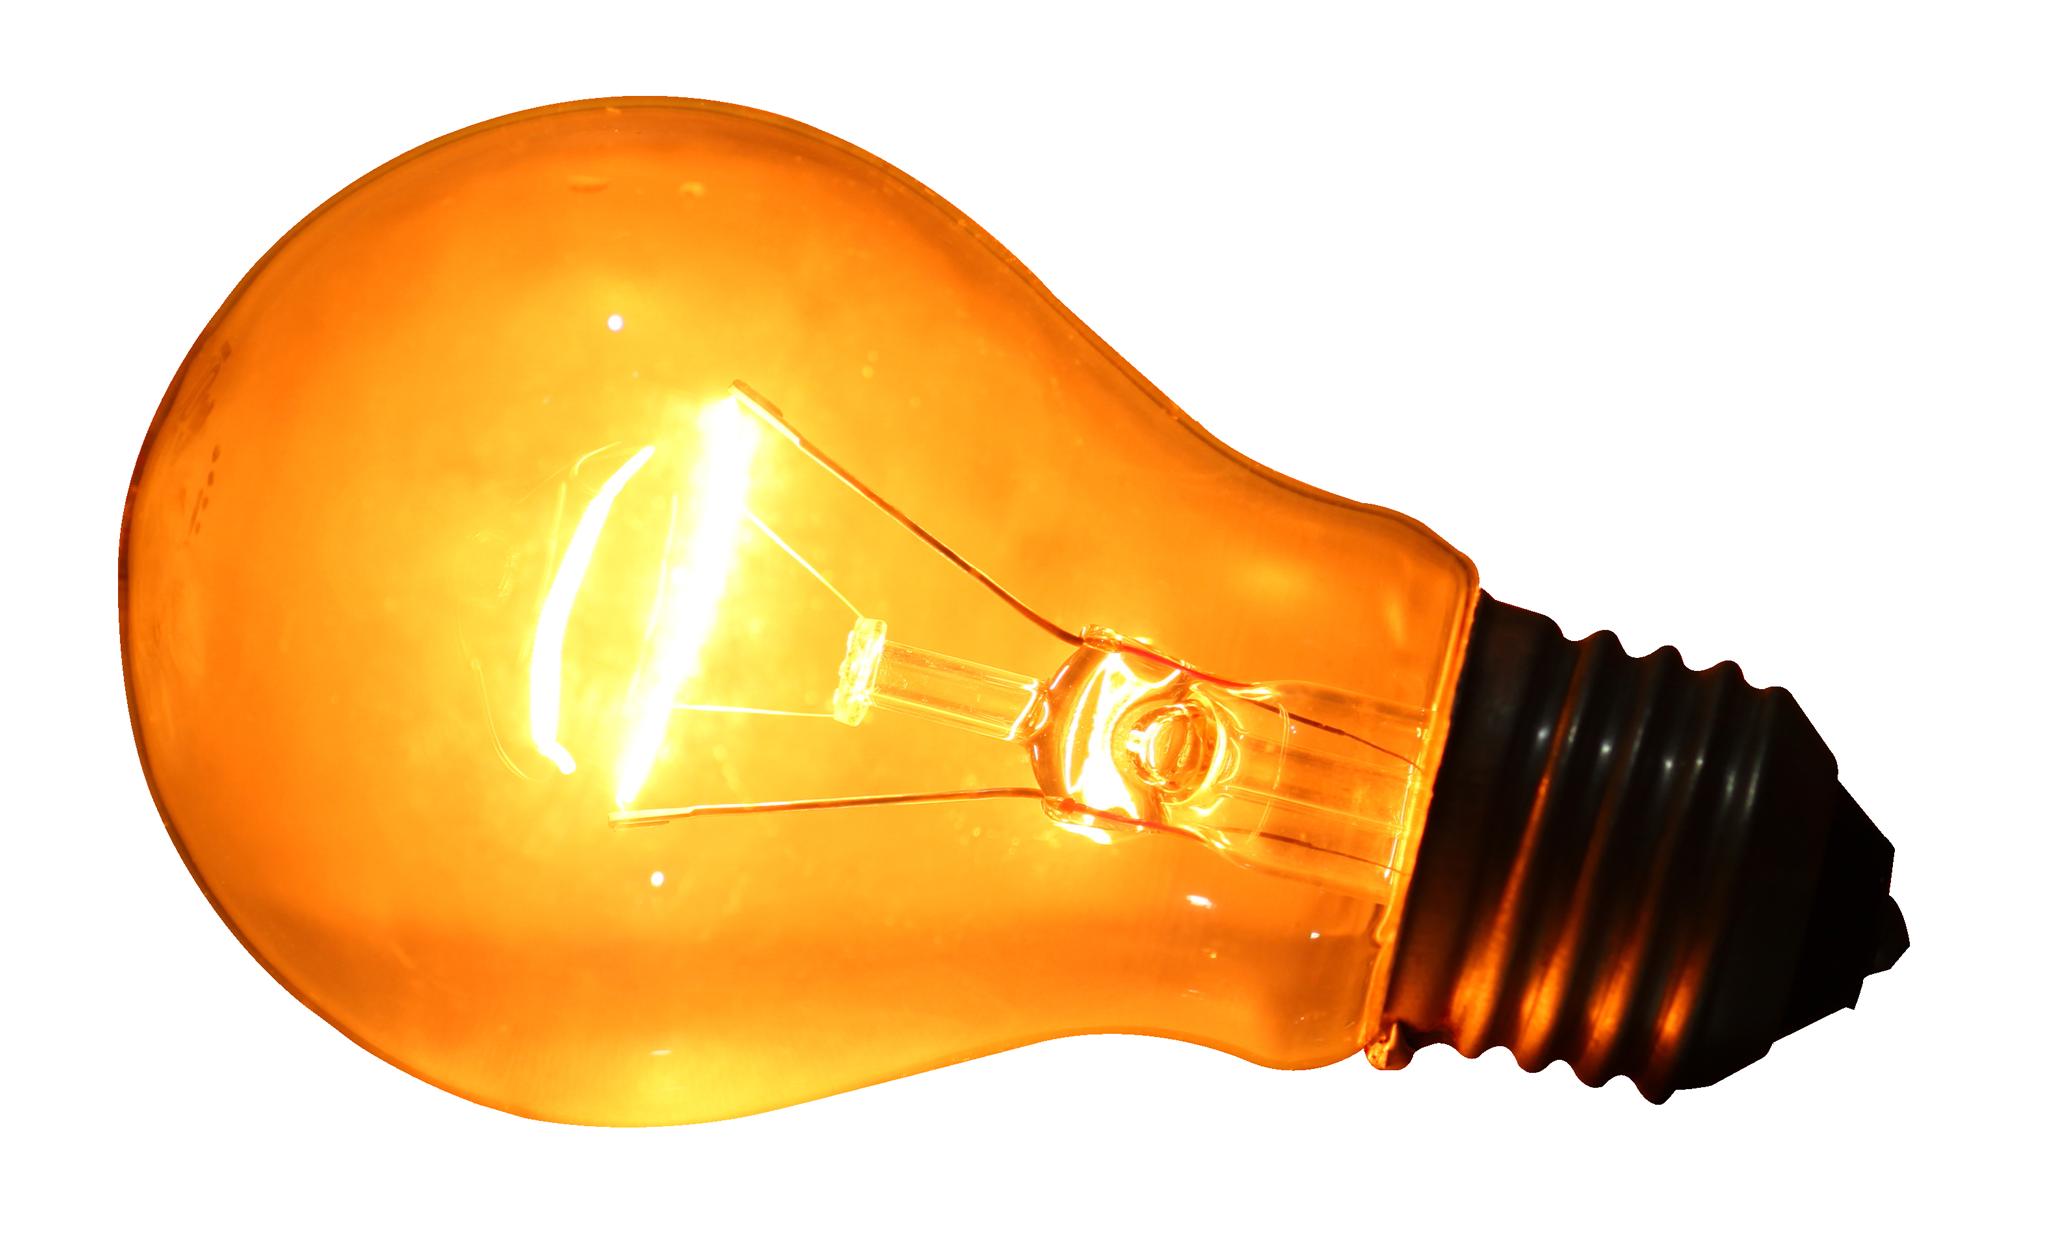 Bulb HD PNG - 118598